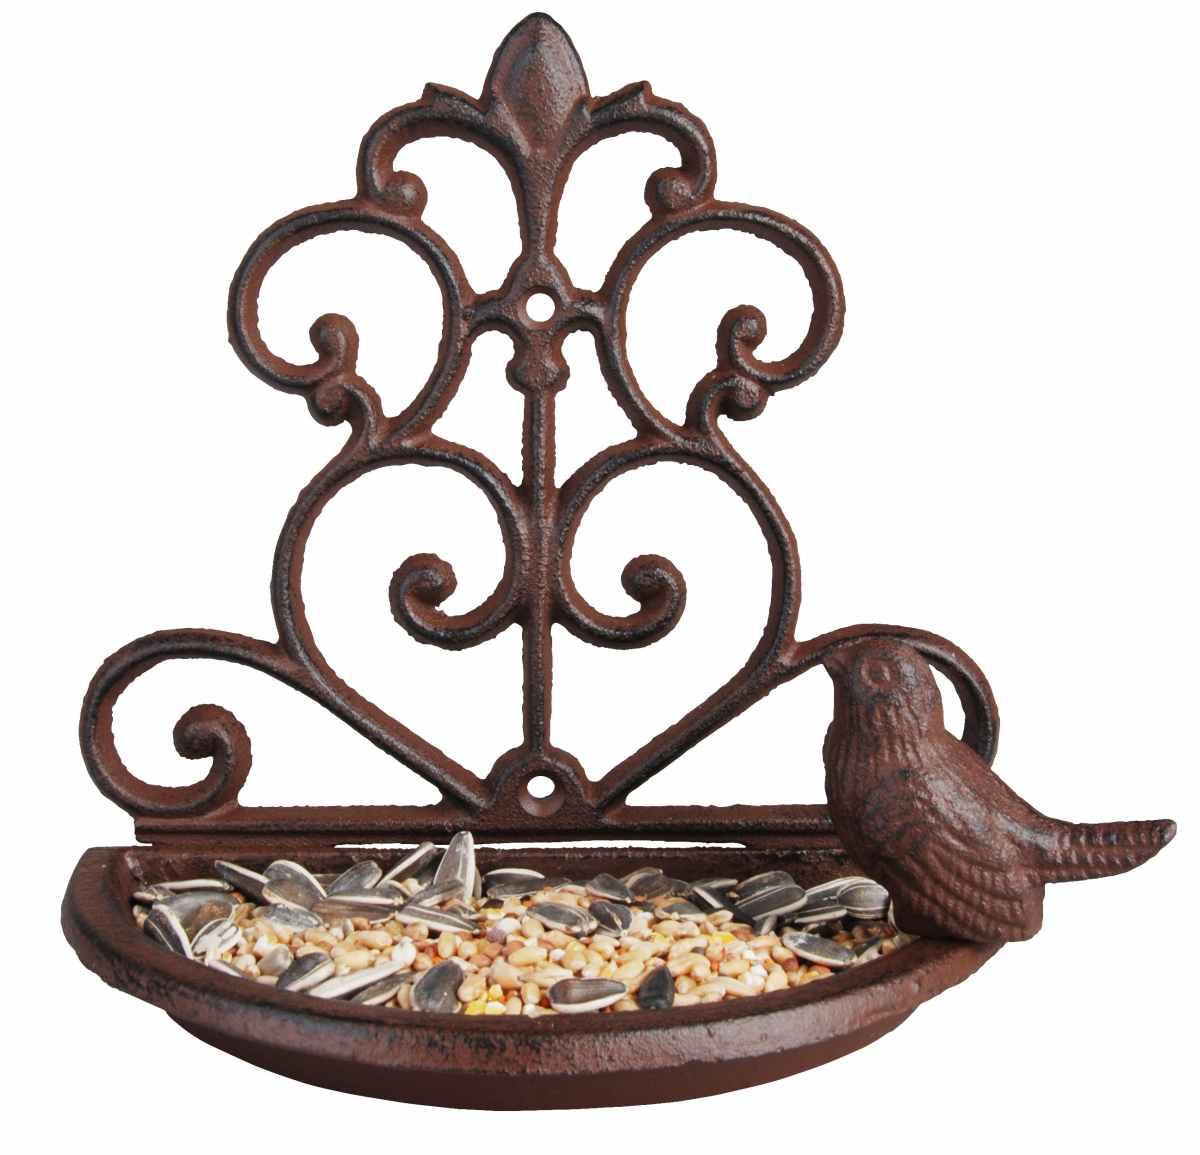 Vogeltränke - Futterschale mit Vogel Gusseisen - Wandfutterschale ...